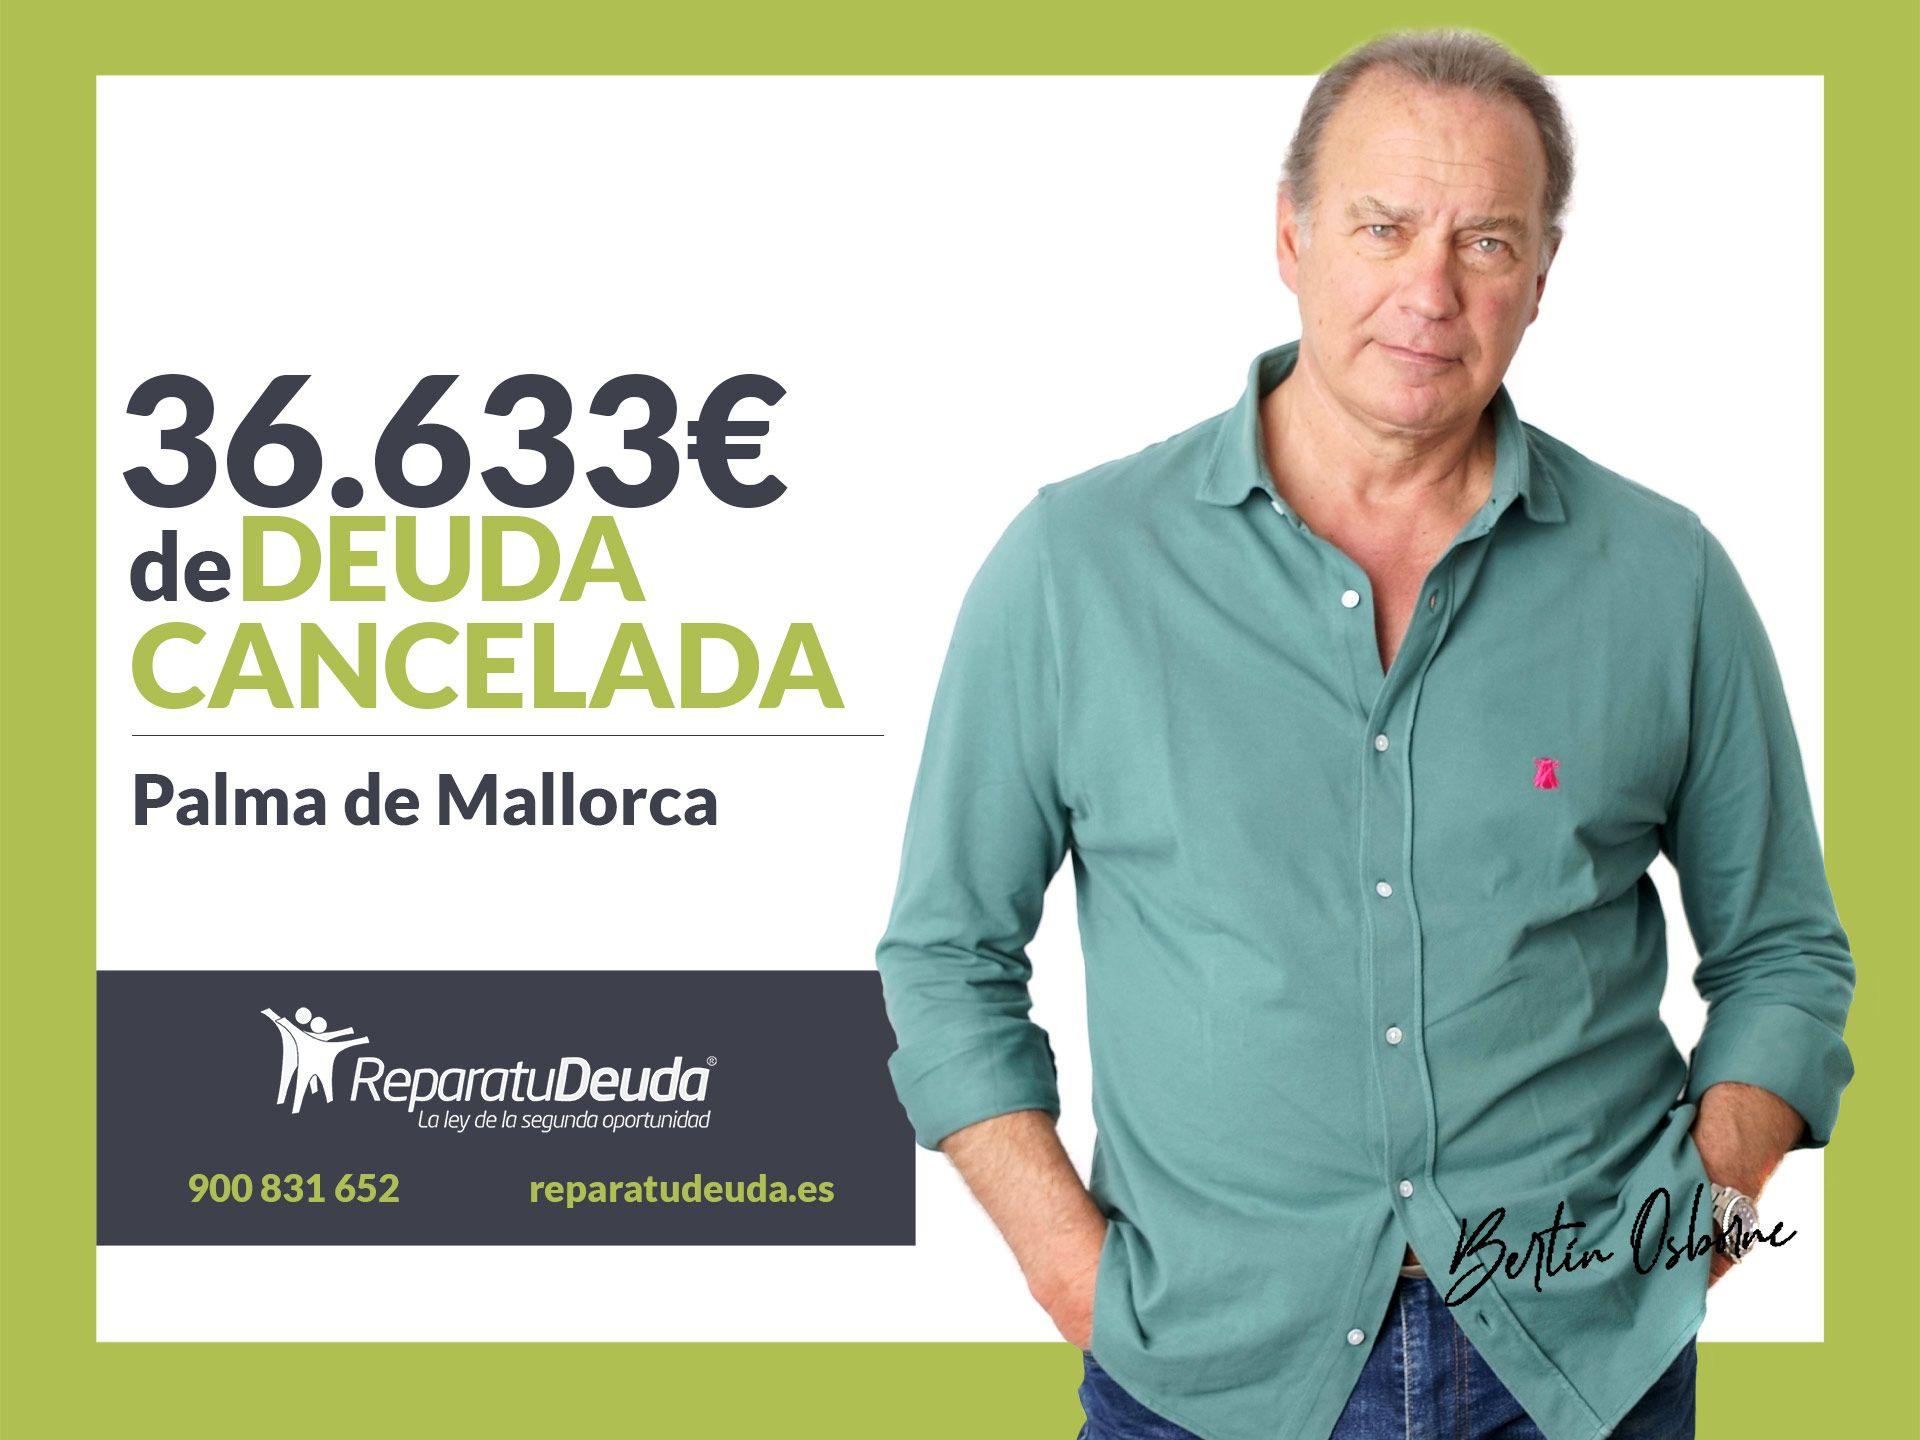 Repara tu Deuda Abogados cancela 36.633? en Palma de Mallorca (Baleares) con la Ley de Segunda Oportunidad